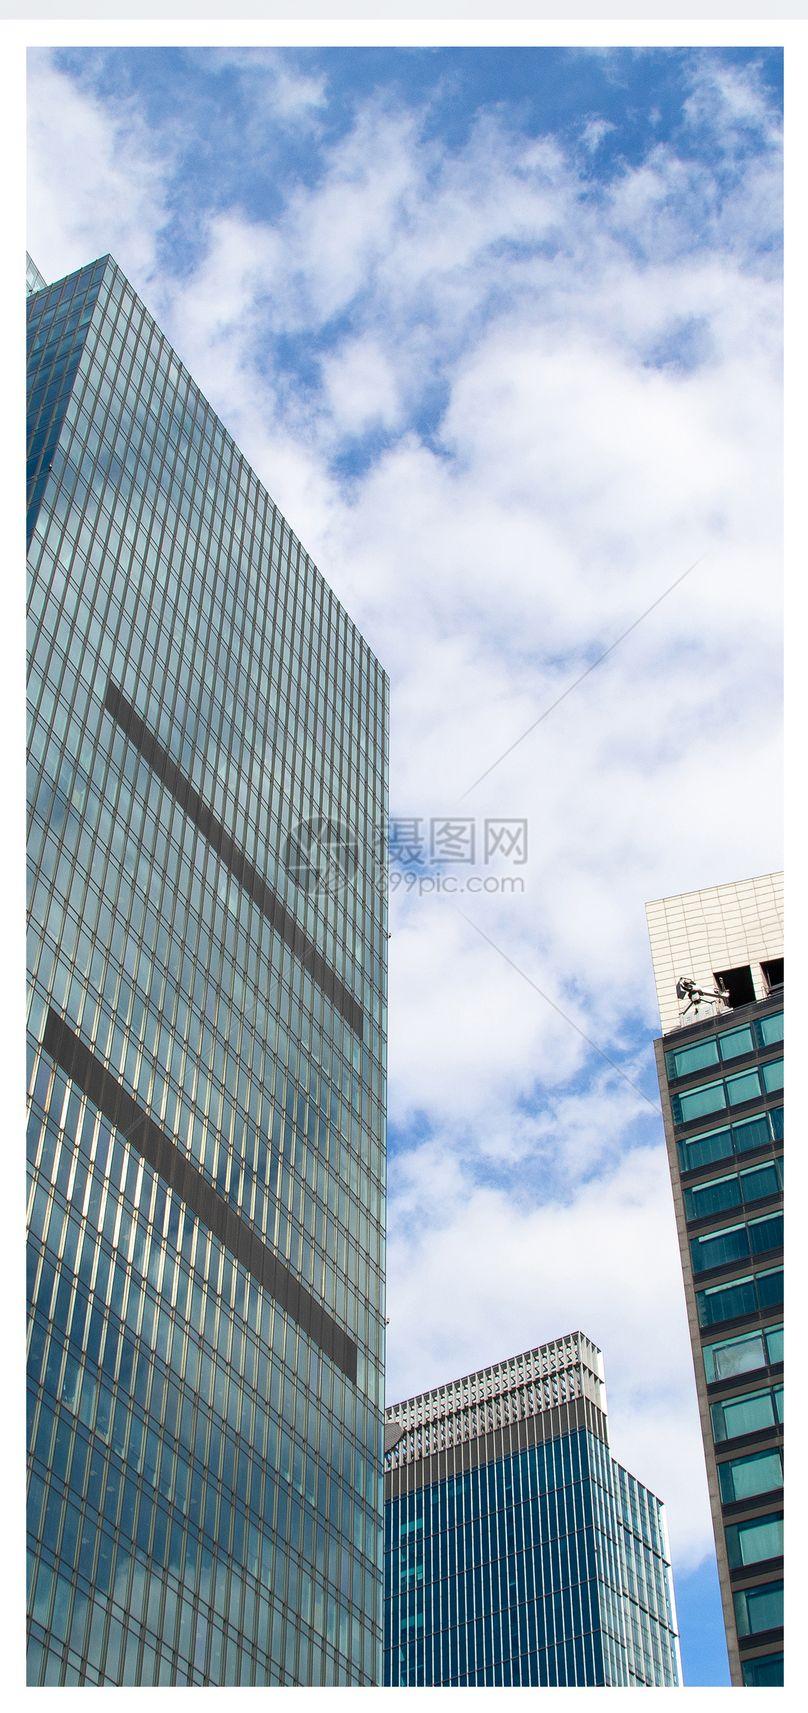 现代建筑手机壁纸图片